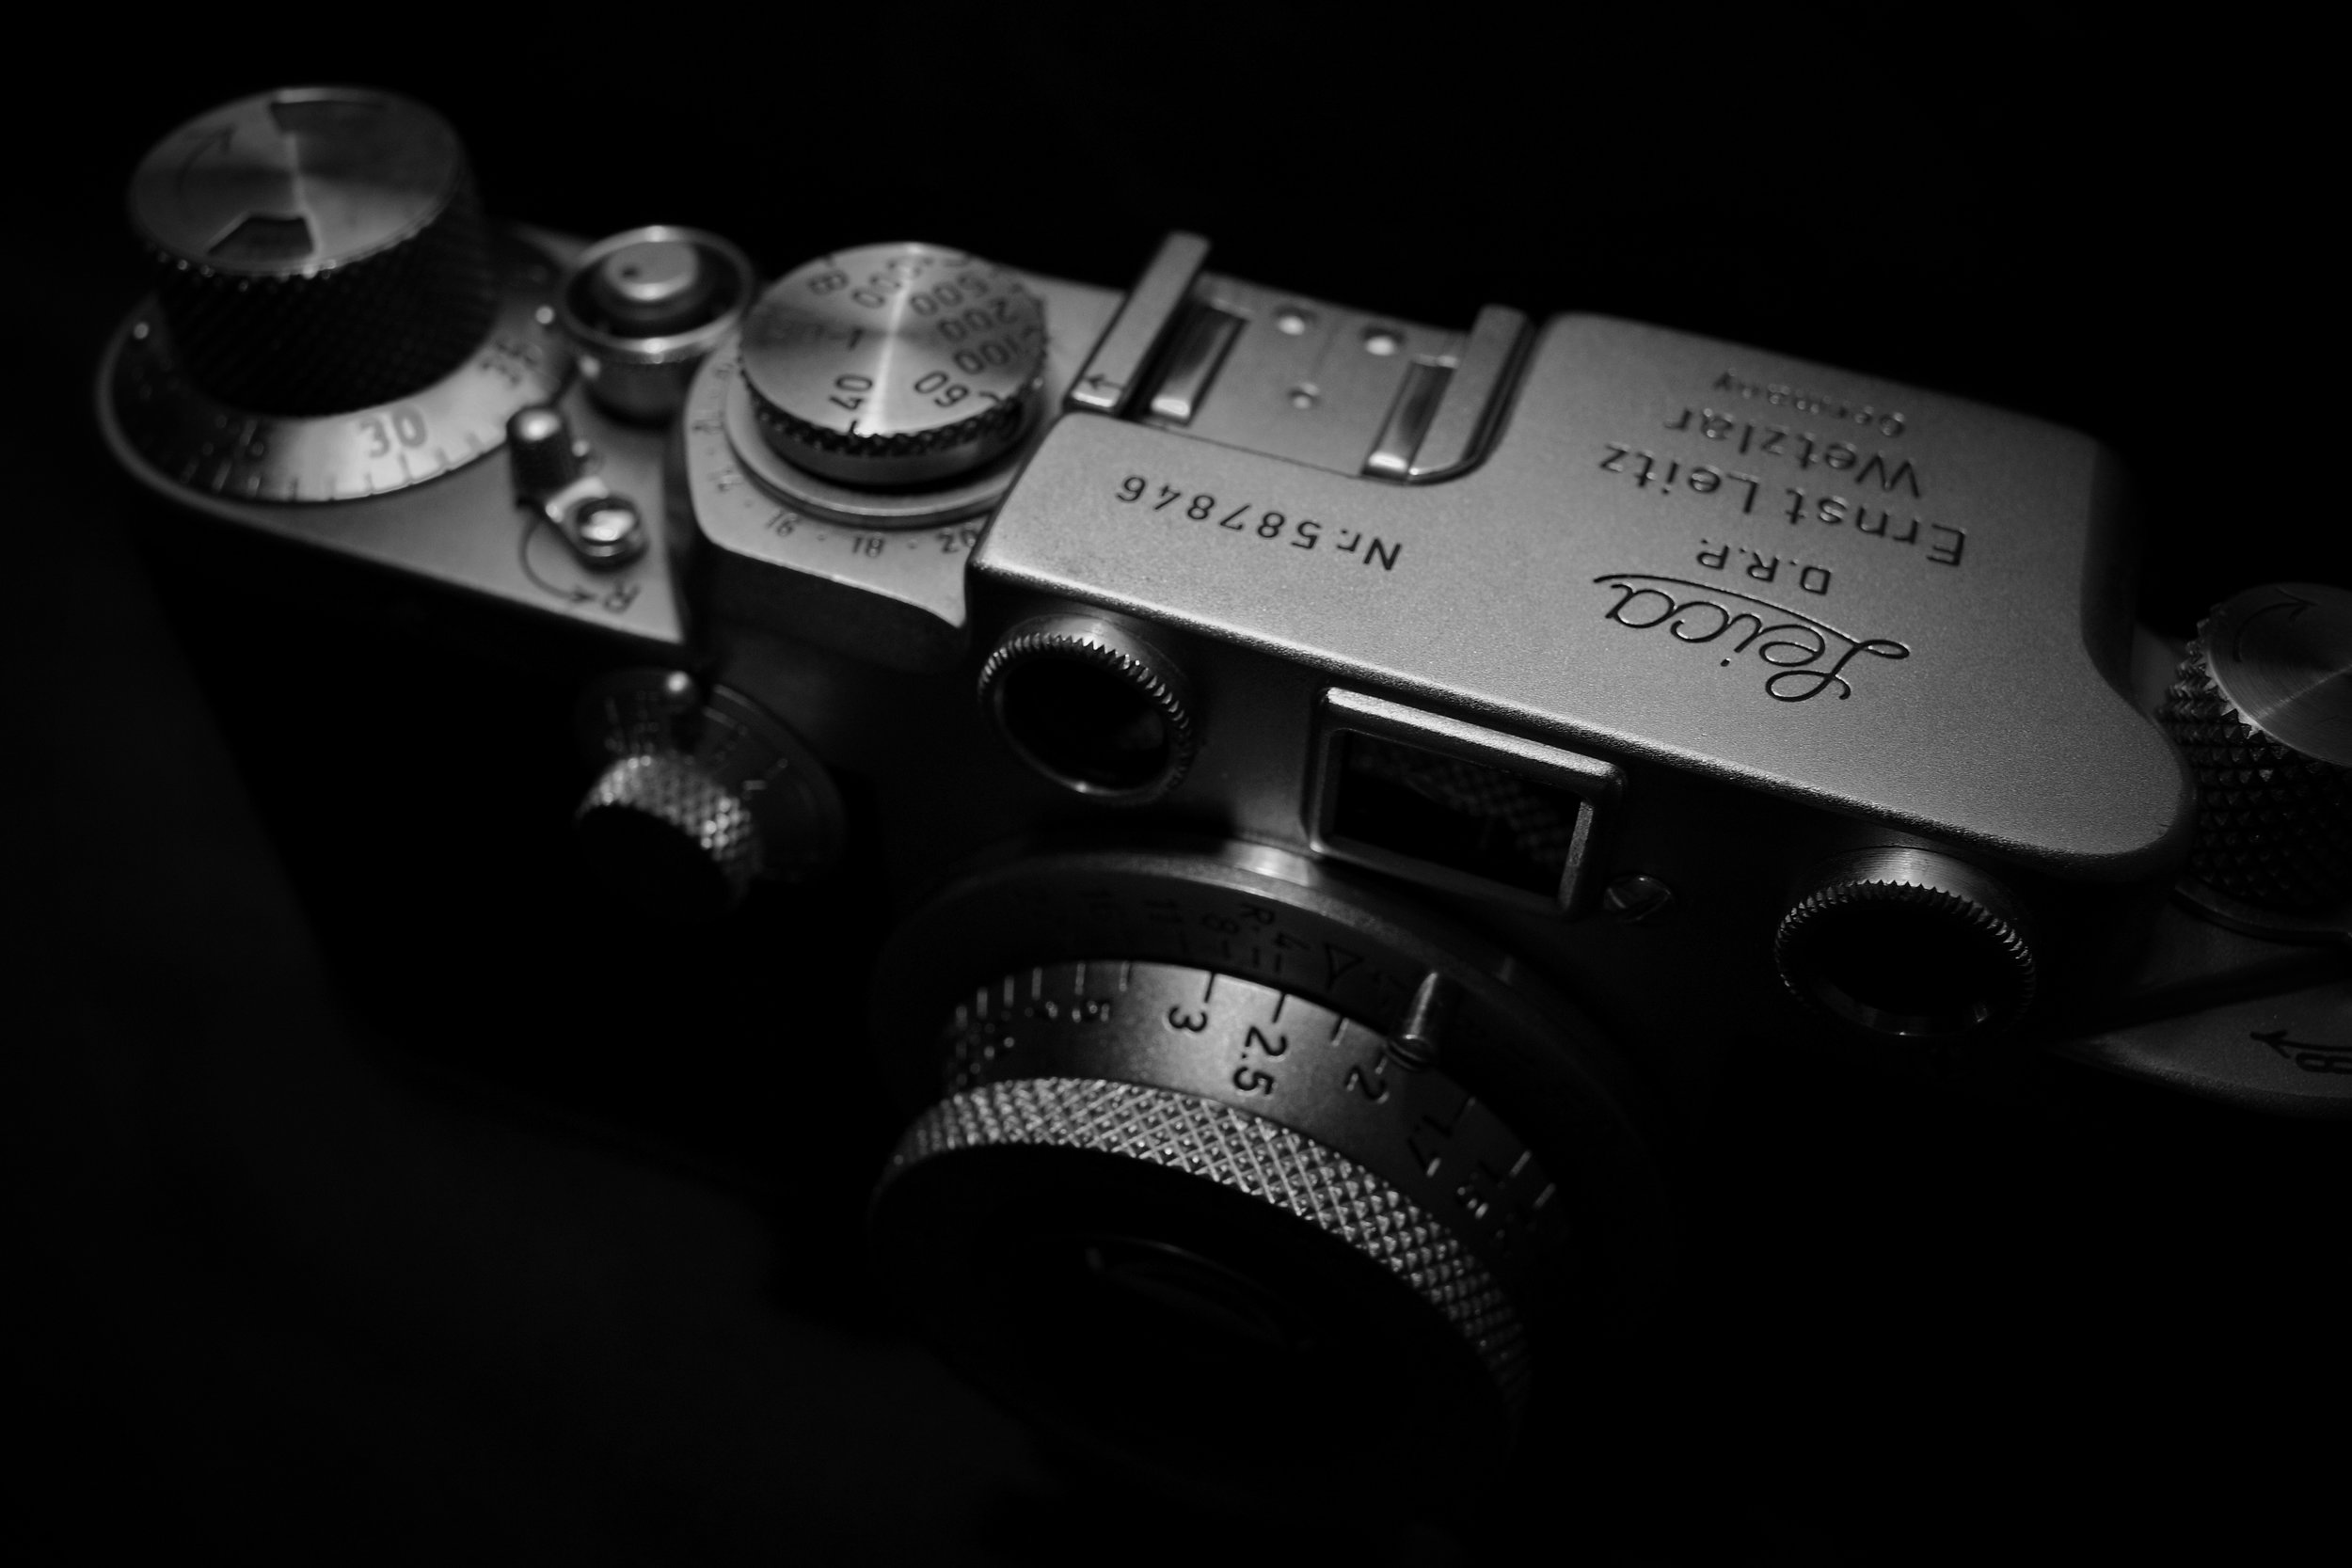 For the future, Leica IIIf with Leitz Elmar 5cm f3.5